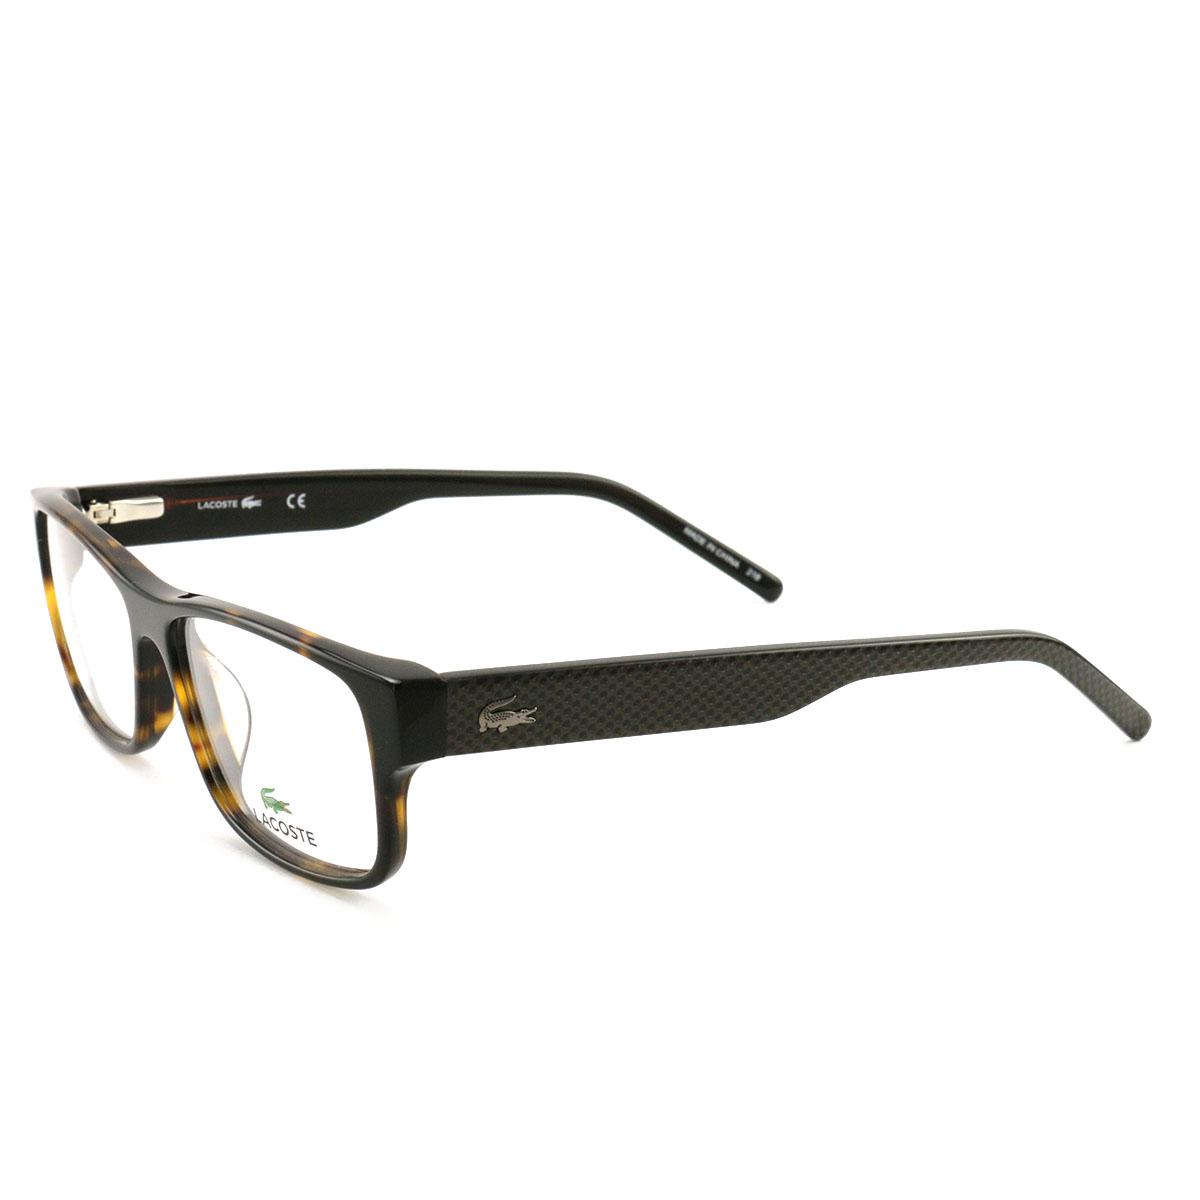 4e03a588dcd Lacoste Eyeglasses L2660 214 Havana 53 15 140 Demo Lens 883121877238 ...